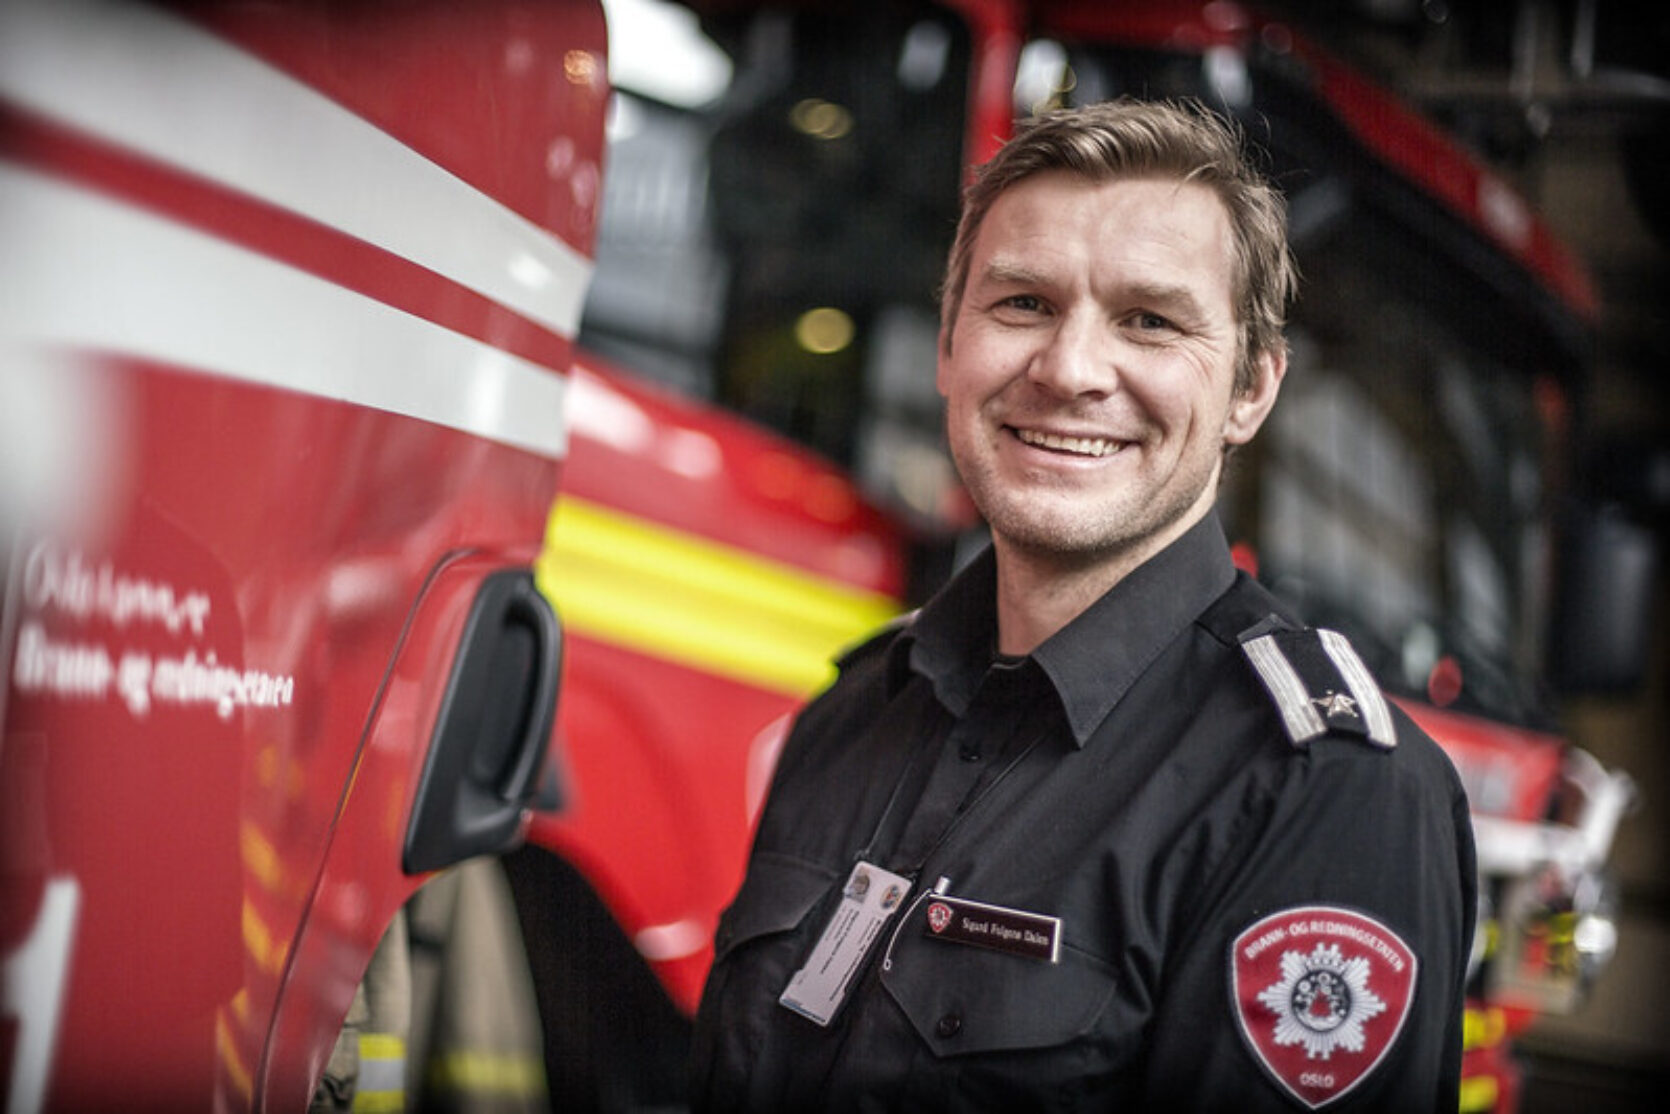 Sigurd Folderø Dalen, branninspektør og fungerende infosjef i Oslo Brann- og redningsetat. Foto: Lars Magne Hovtun/Oslo brann- og redningsetat